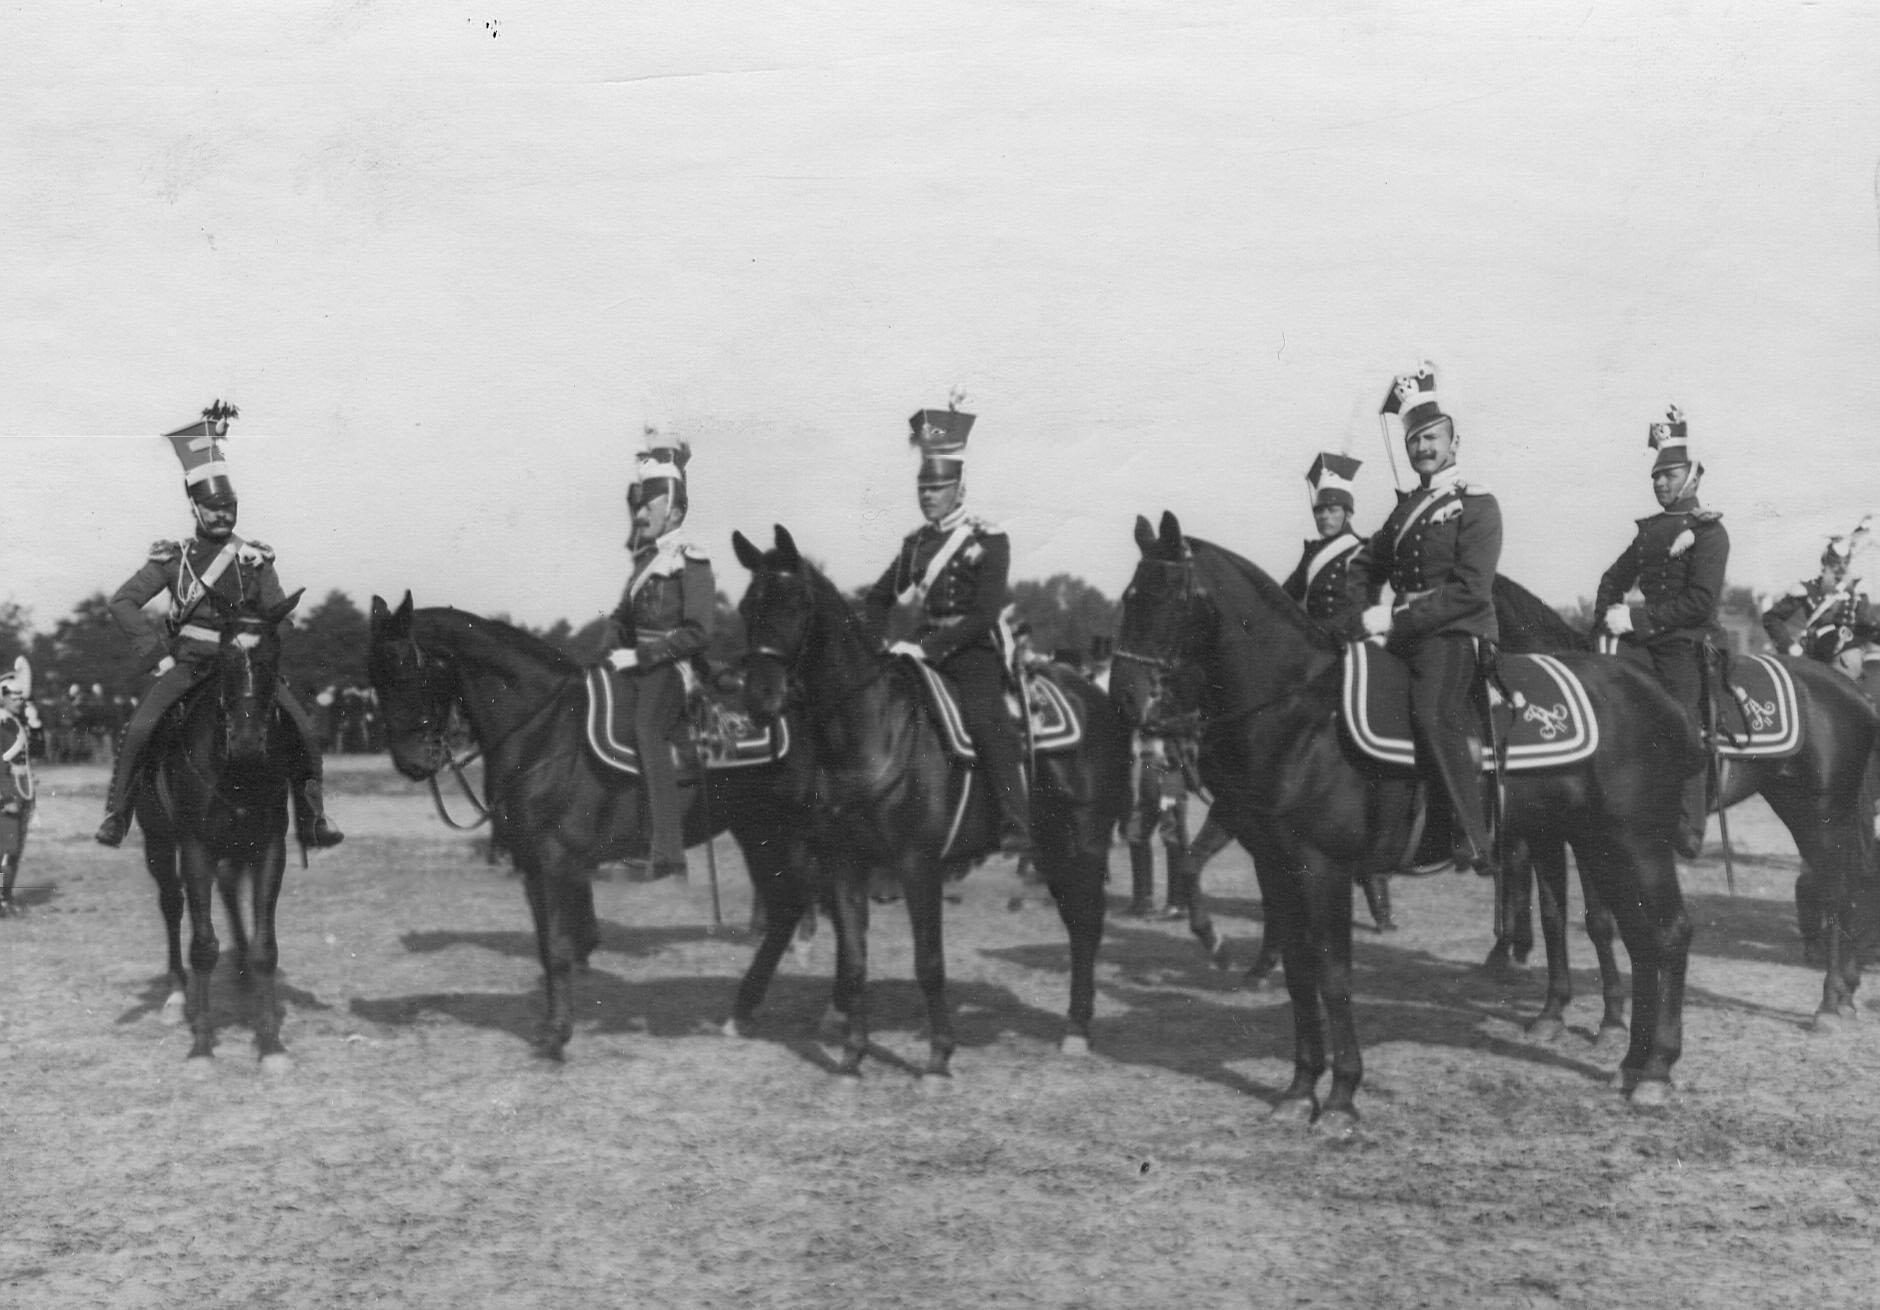 Группа конных уланских офицеров и улан в исторических формах в день празднования 250-летнего юбилея полка